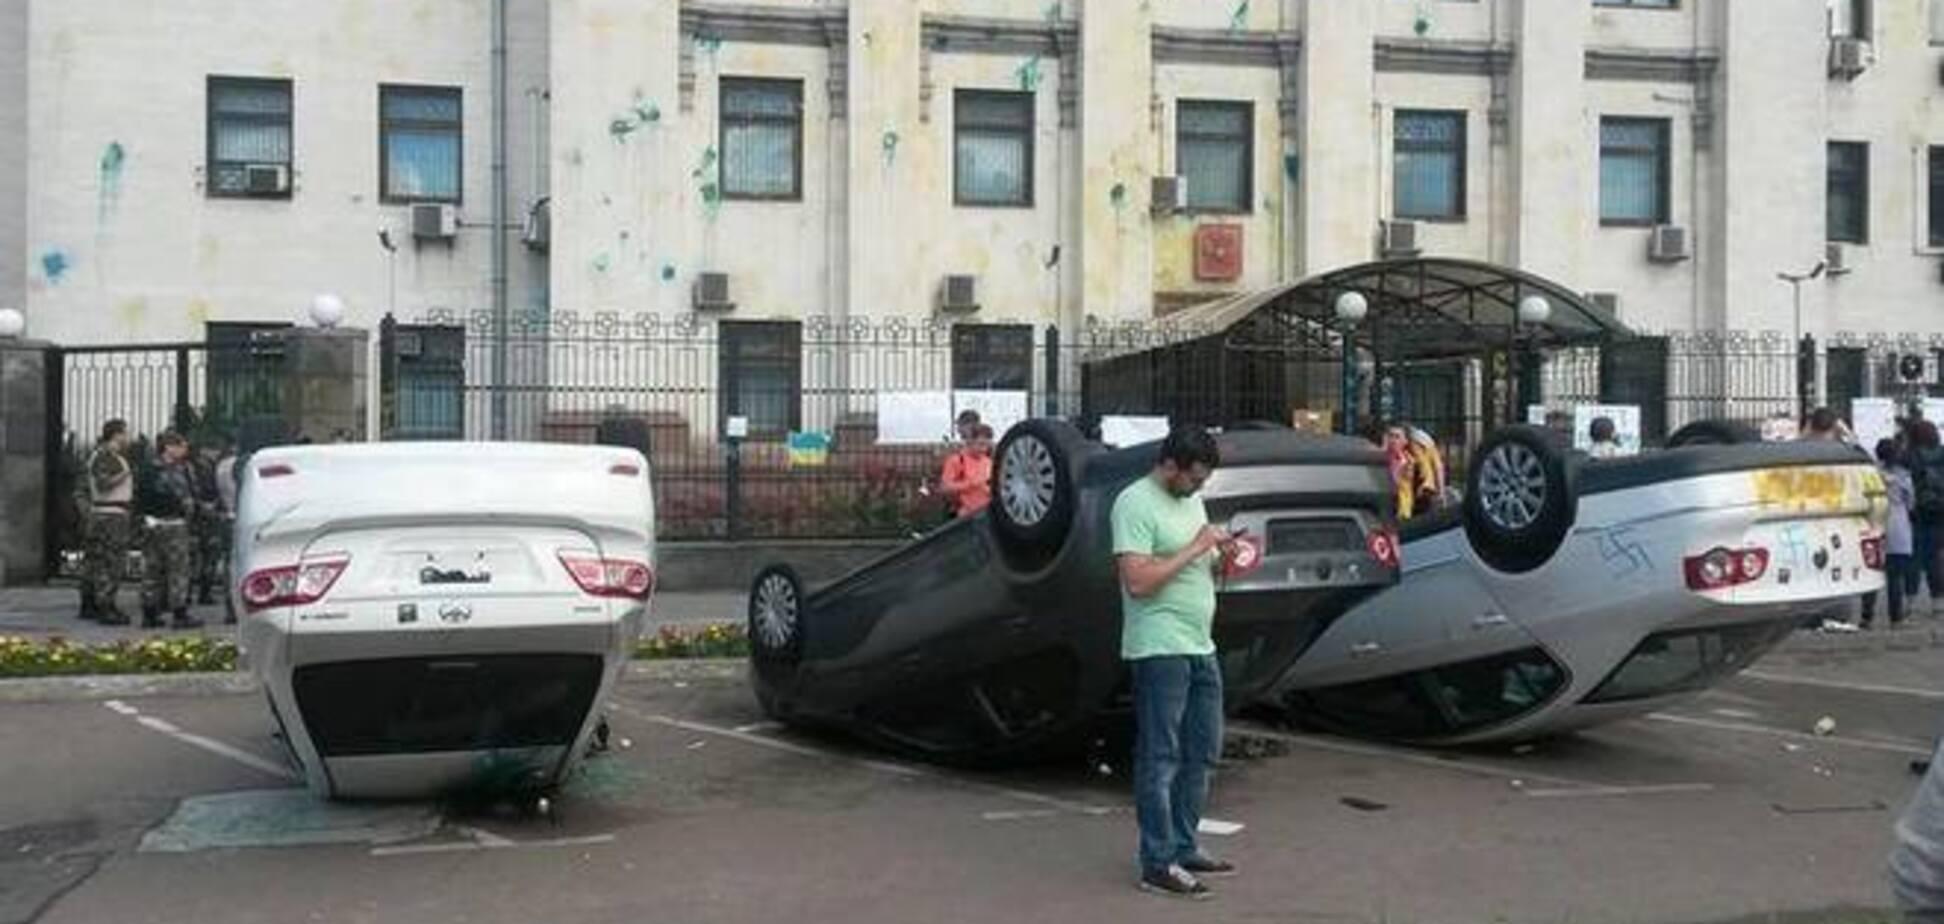 Міліція відкрила справу за фактом заворушень у російського посольства в Києві